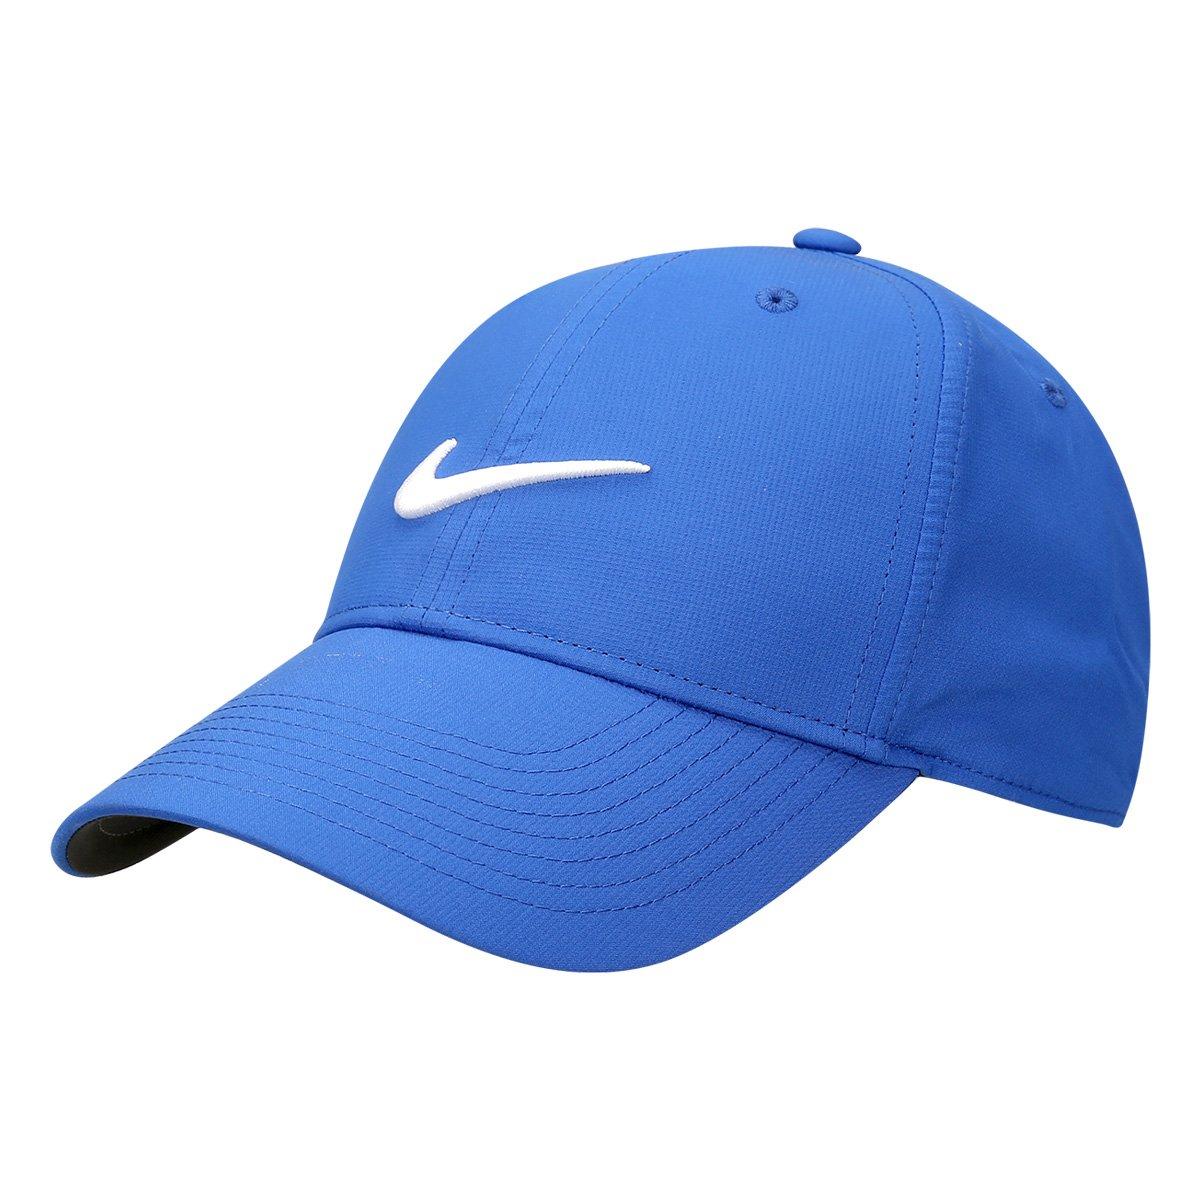 encanto Ardilla Estudiante  Gorra Nike Legacy 91 Tech - The Golfer Shop